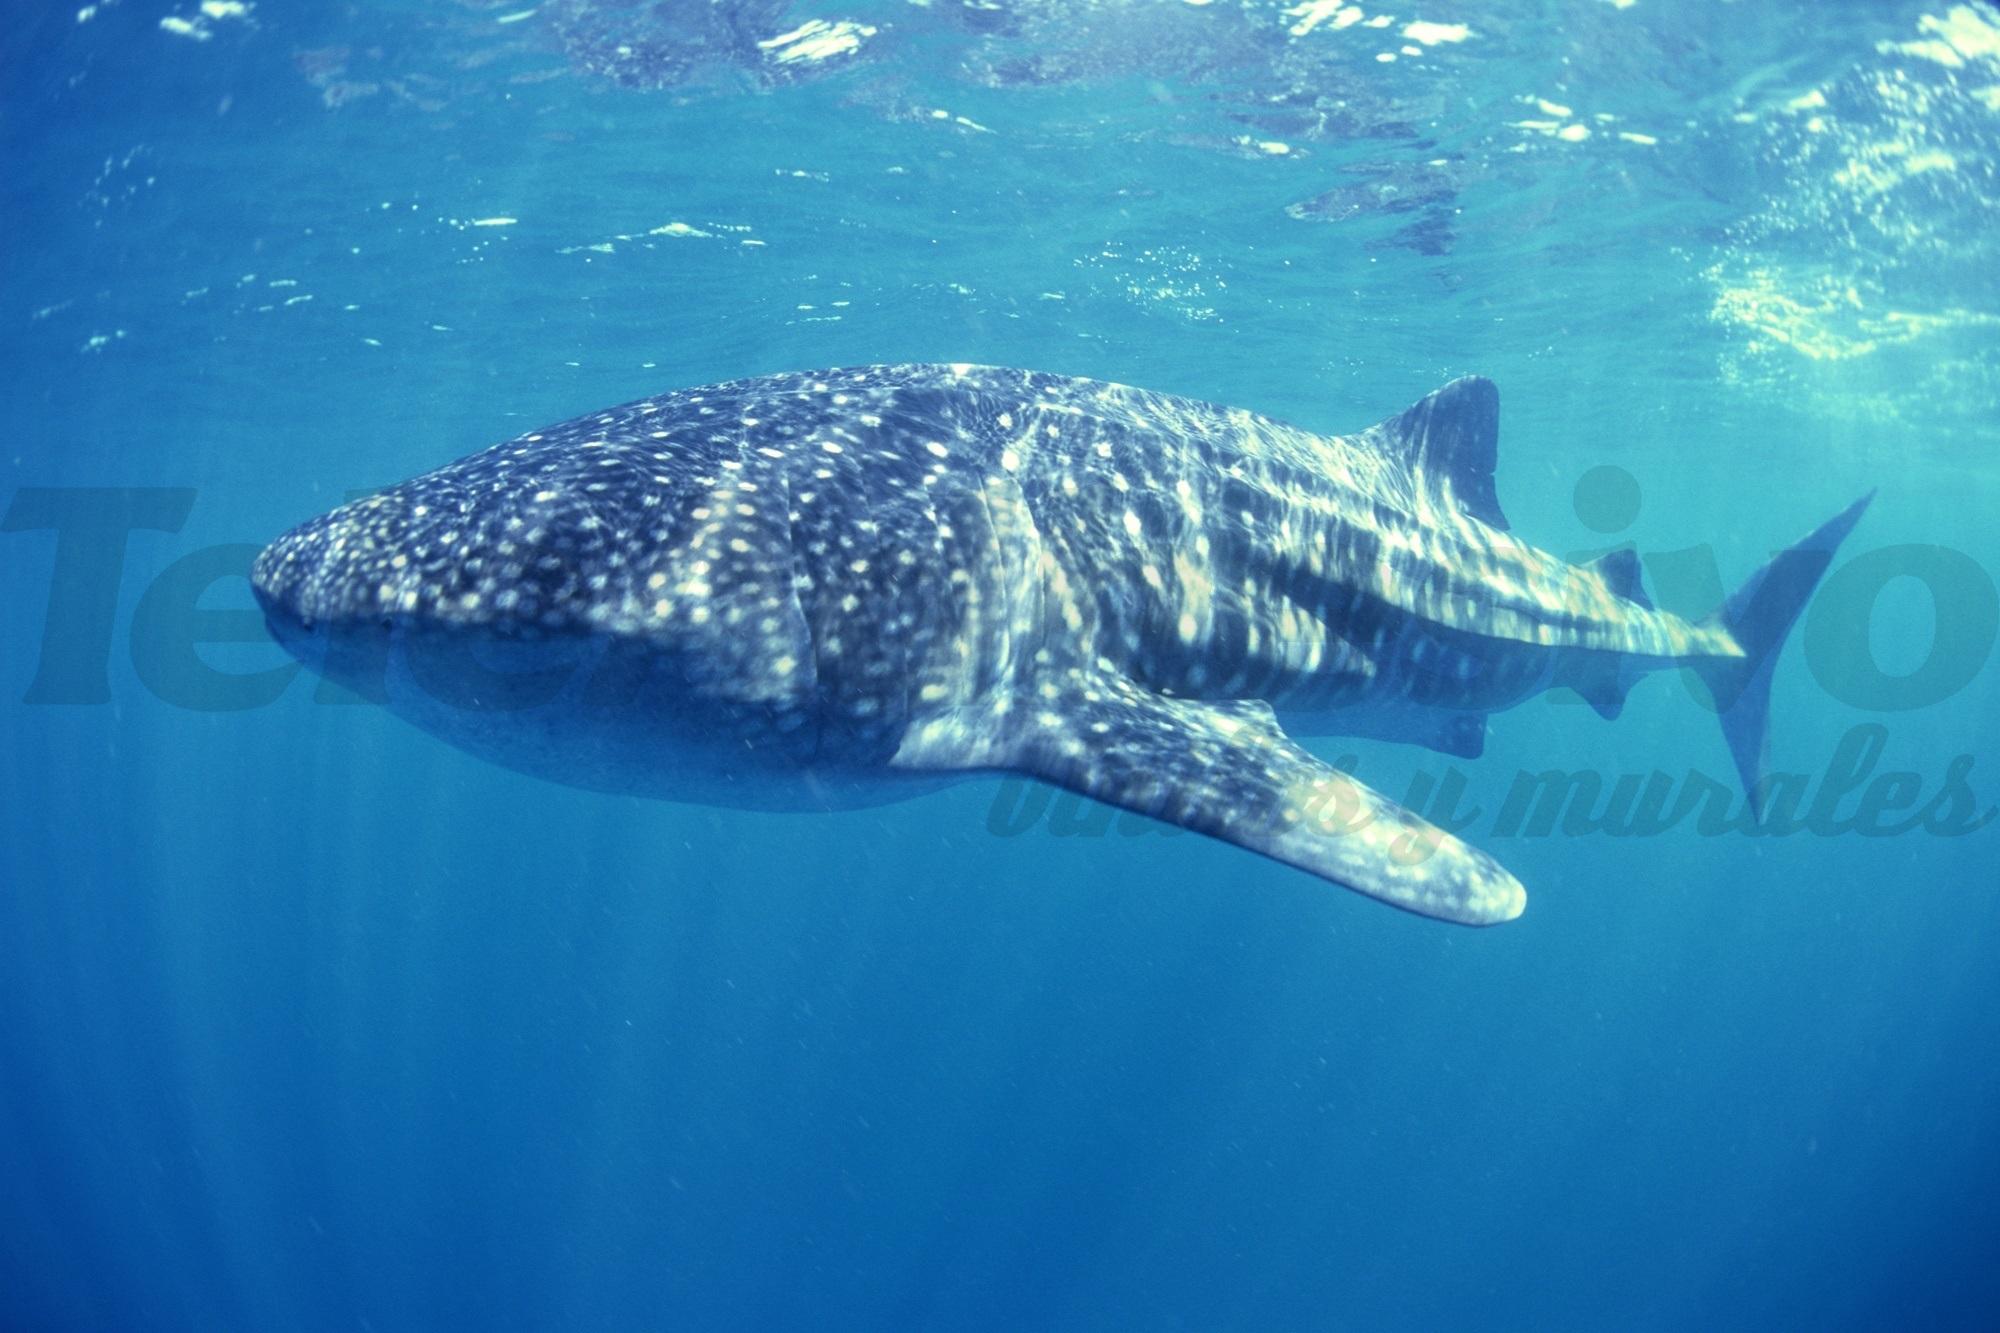 Fototapeten: Whale Shark